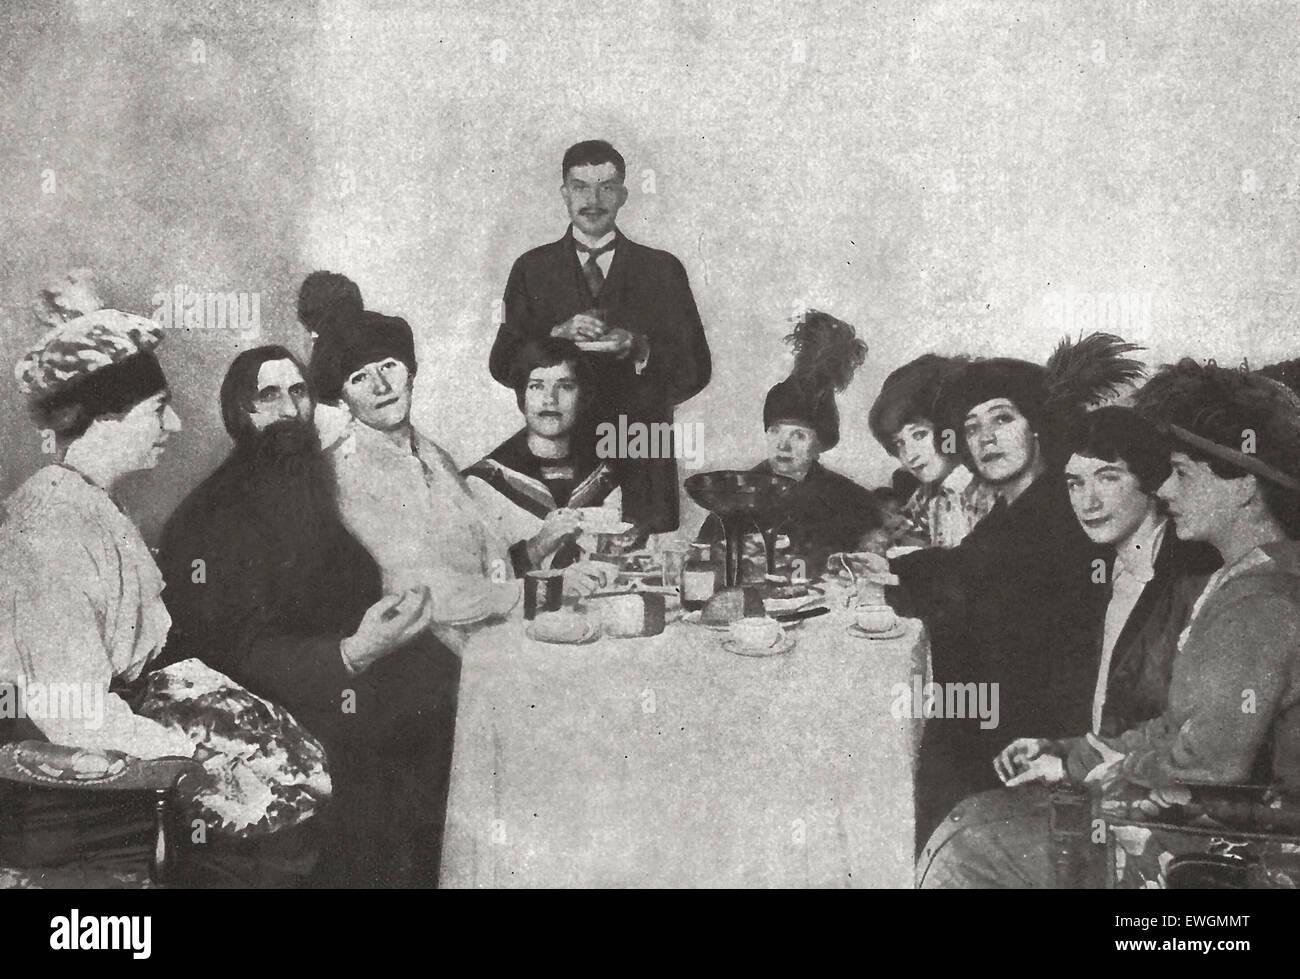 Der unheimliche Mönch Rasputin wurde vor dem Ausbruch der Revolution ermordet.  Noch wurde während den Stockbild